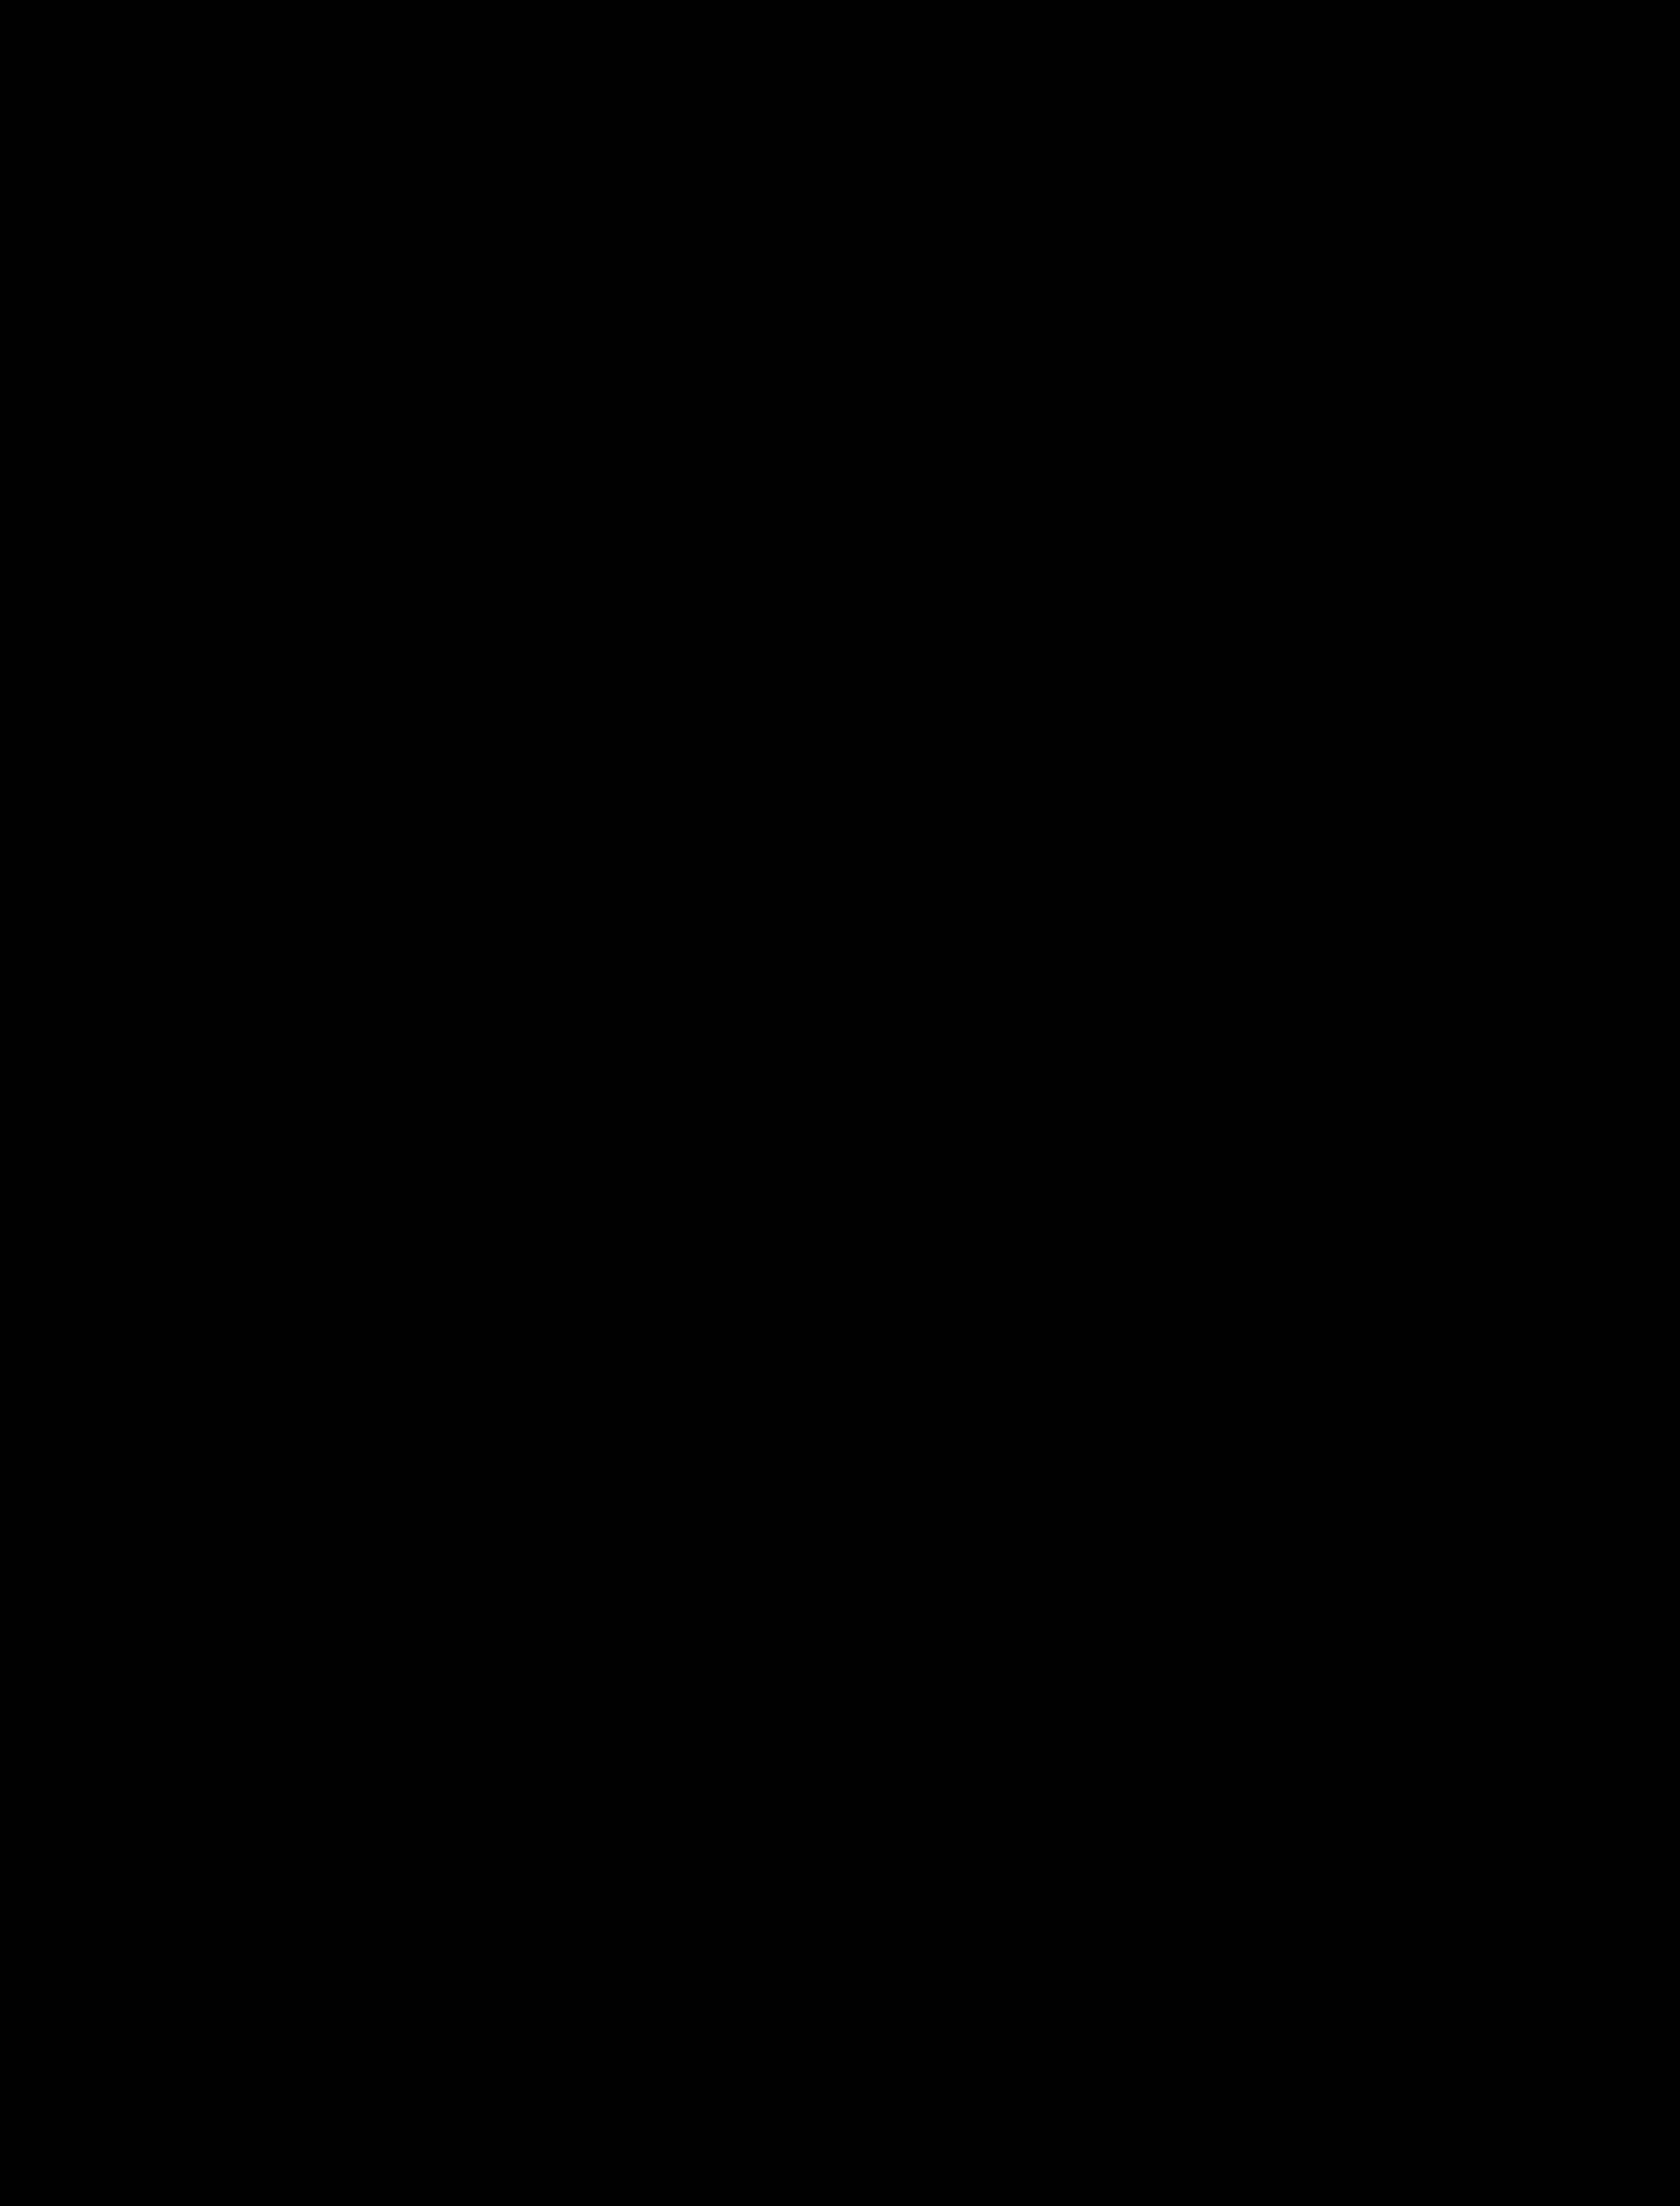 1 Stk Unterputz-Zählerverteiler 3U-21E/WIEN 3ZP, H1055B810T250mm IL164321WS